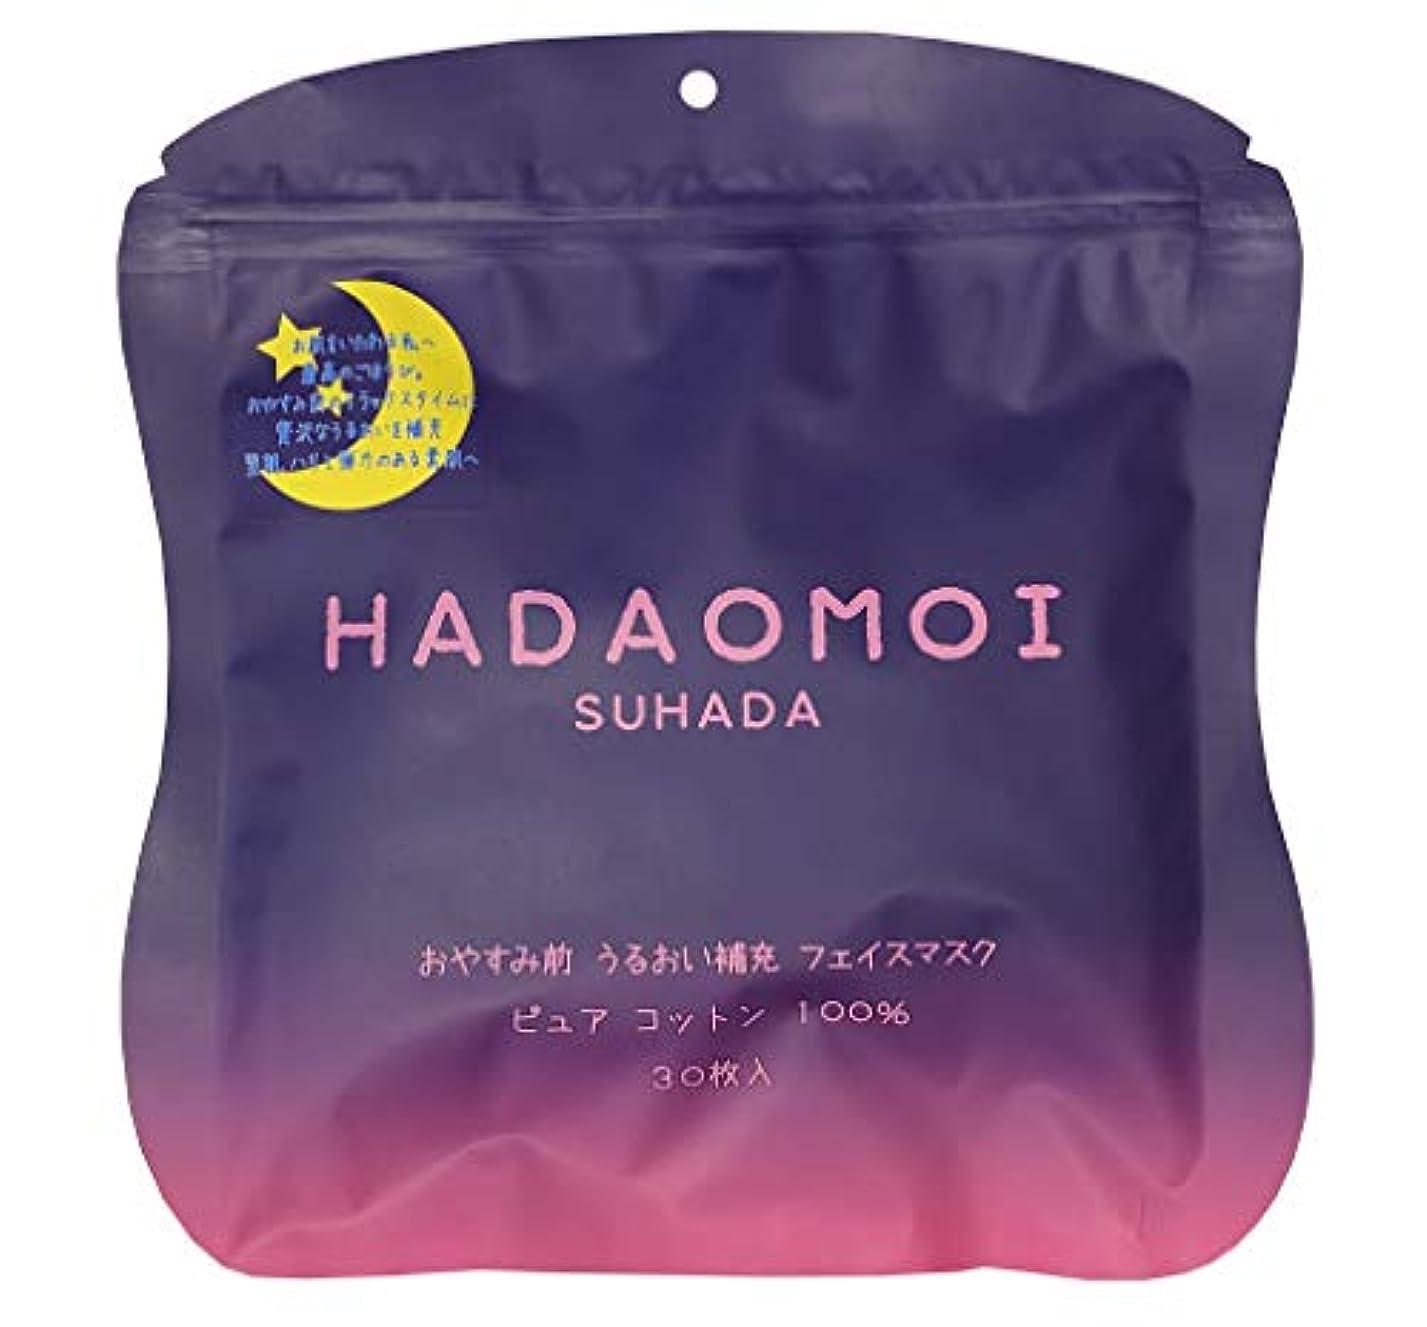 大洪水家プライムHADAOMOI(ハダオモイ) おやすみ前 うるおい補充 フェイスマスク 30枚入